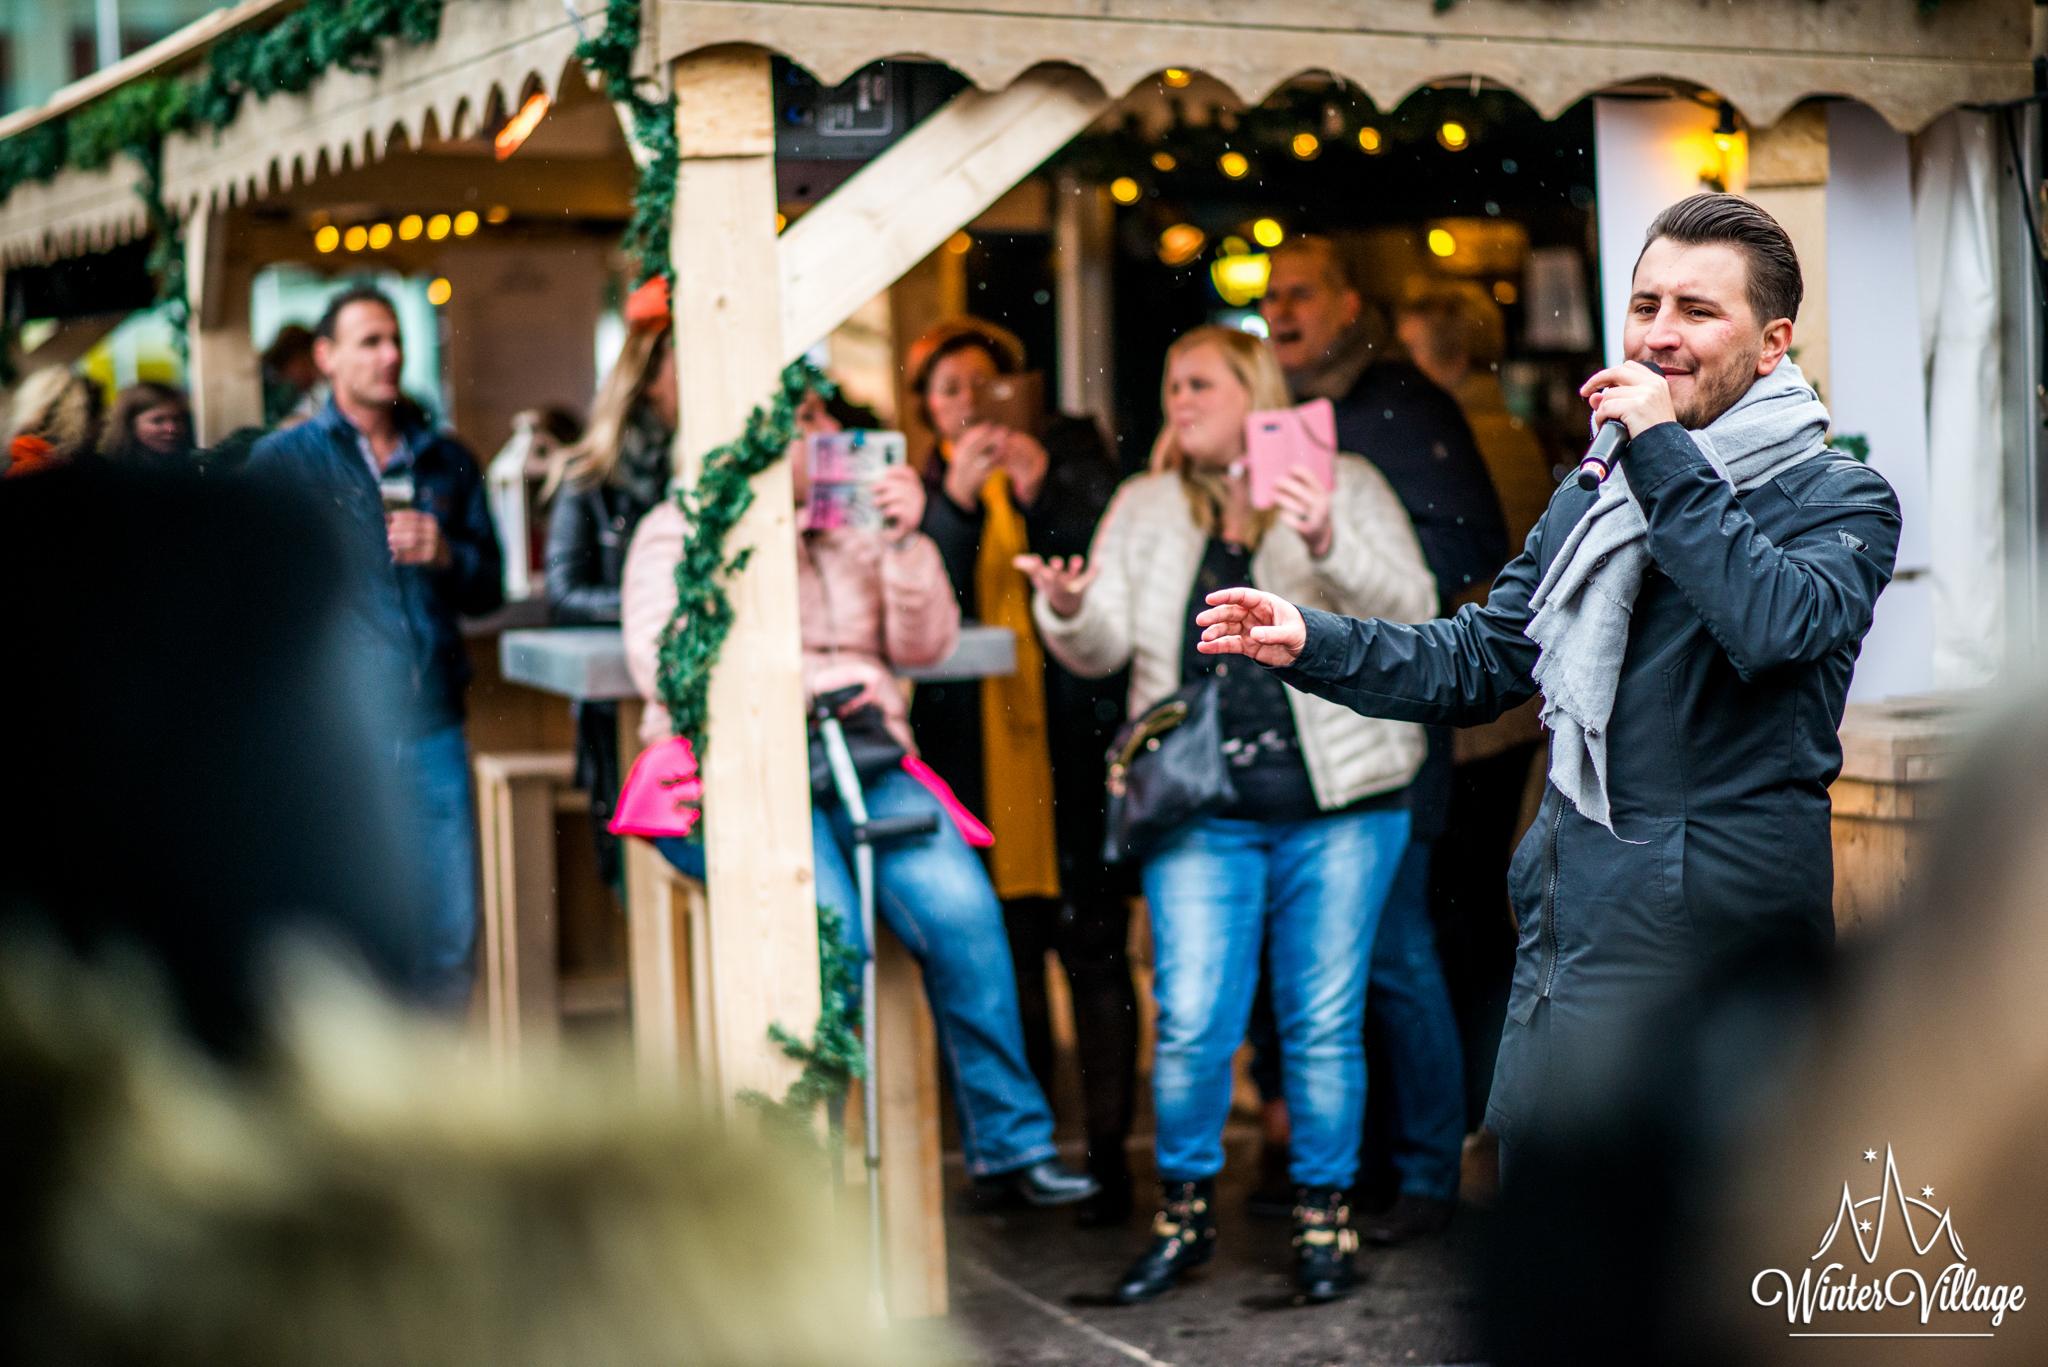 Winter Village Hoofddorp openingsceremonie met Danny Froger